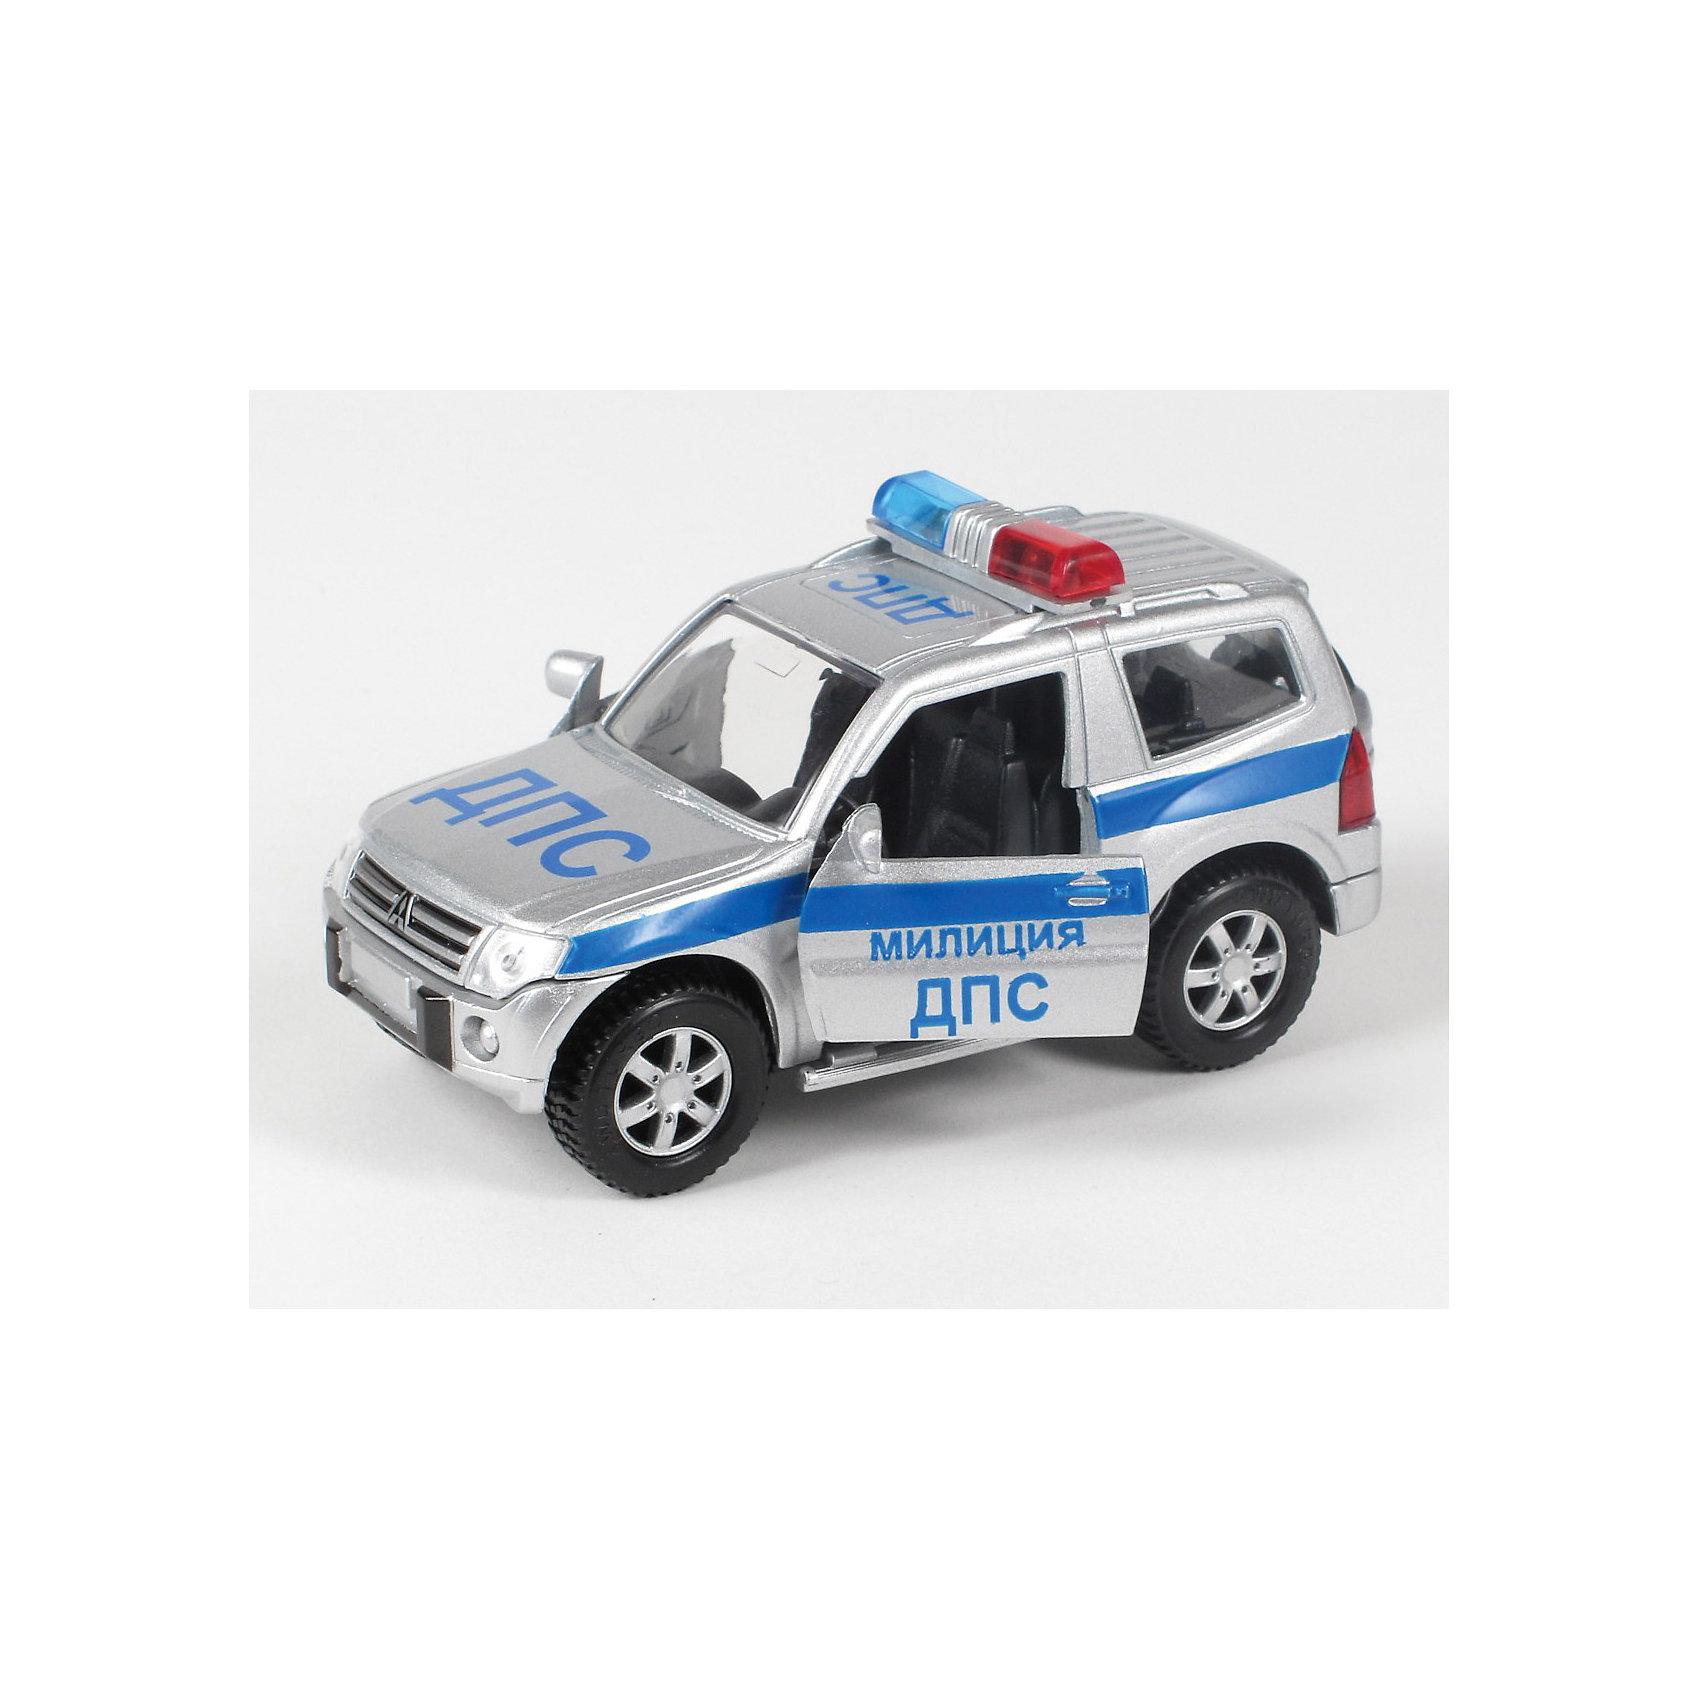 ТЕХНОПАРК Машина  ДПС, свет+звукИнтересная инерционная игрушка - модель настоящей машины ДПС,  со световыми и звуковыми эффектами и с открывающимися (подвижными) элементами.<br><br>ТЕХНОПАРК - российский бренд, под которым разрабатываются и выпускаются качественные современные игрушки для мальчиков.  Прежде всего, это копии моделей реальных технических средств: автомобилей, самолетов и вертолетов, военной и гражданской техники. Довольно часто - это игрушки с звуковыми и световыми эффектами и разнообразными подвижнымиэлементами. Тщательная проработка каждой детали этих игрушек позволяет говорить о них также как о ценных моделях, которые могут занять достойное место на полках коллекционеров. Инерционный механизм, открываются двери. Свет и звук.<br><br>Дополнительная информация:<br><br>- Игрушка со световыми и звуковыми эффектами.<br>- Инерционная.<br>- Материал: металл, пластмасса.<br><br>Ширина мм: 70<br>Глубина мм: 180<br>Высота мм: 150<br>Вес г: 240<br>Возраст от месяцев: 18<br>Возраст до месяцев: 1188<br>Пол: Мужской<br>Возраст: Детский<br>SKU: 3261689